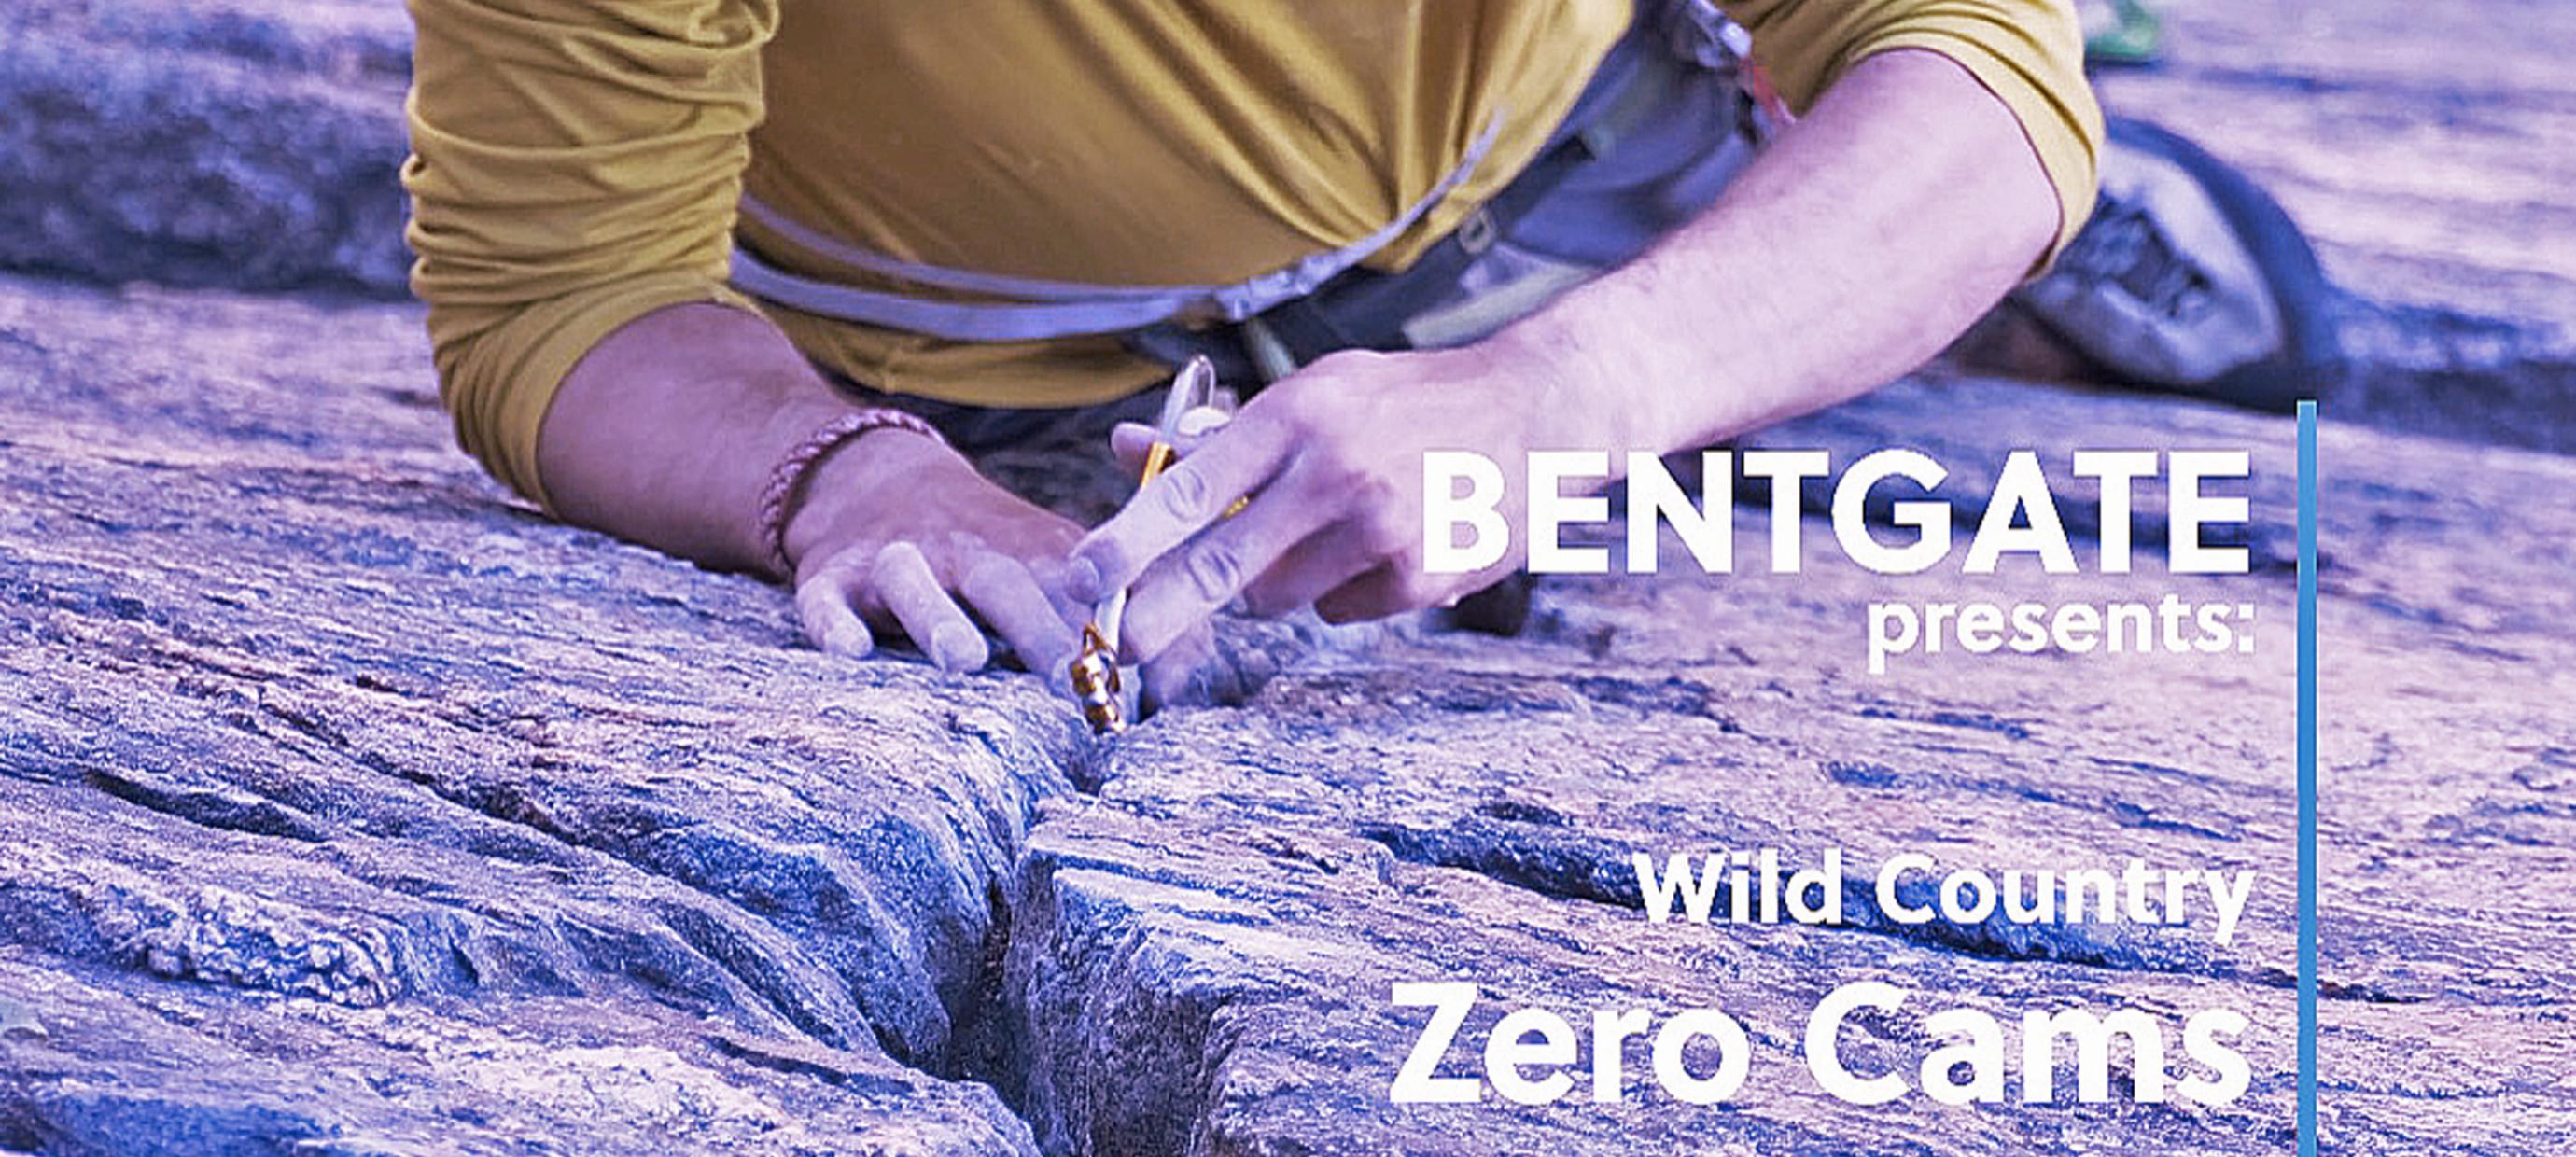 First Look: Wild Country Zero Friend